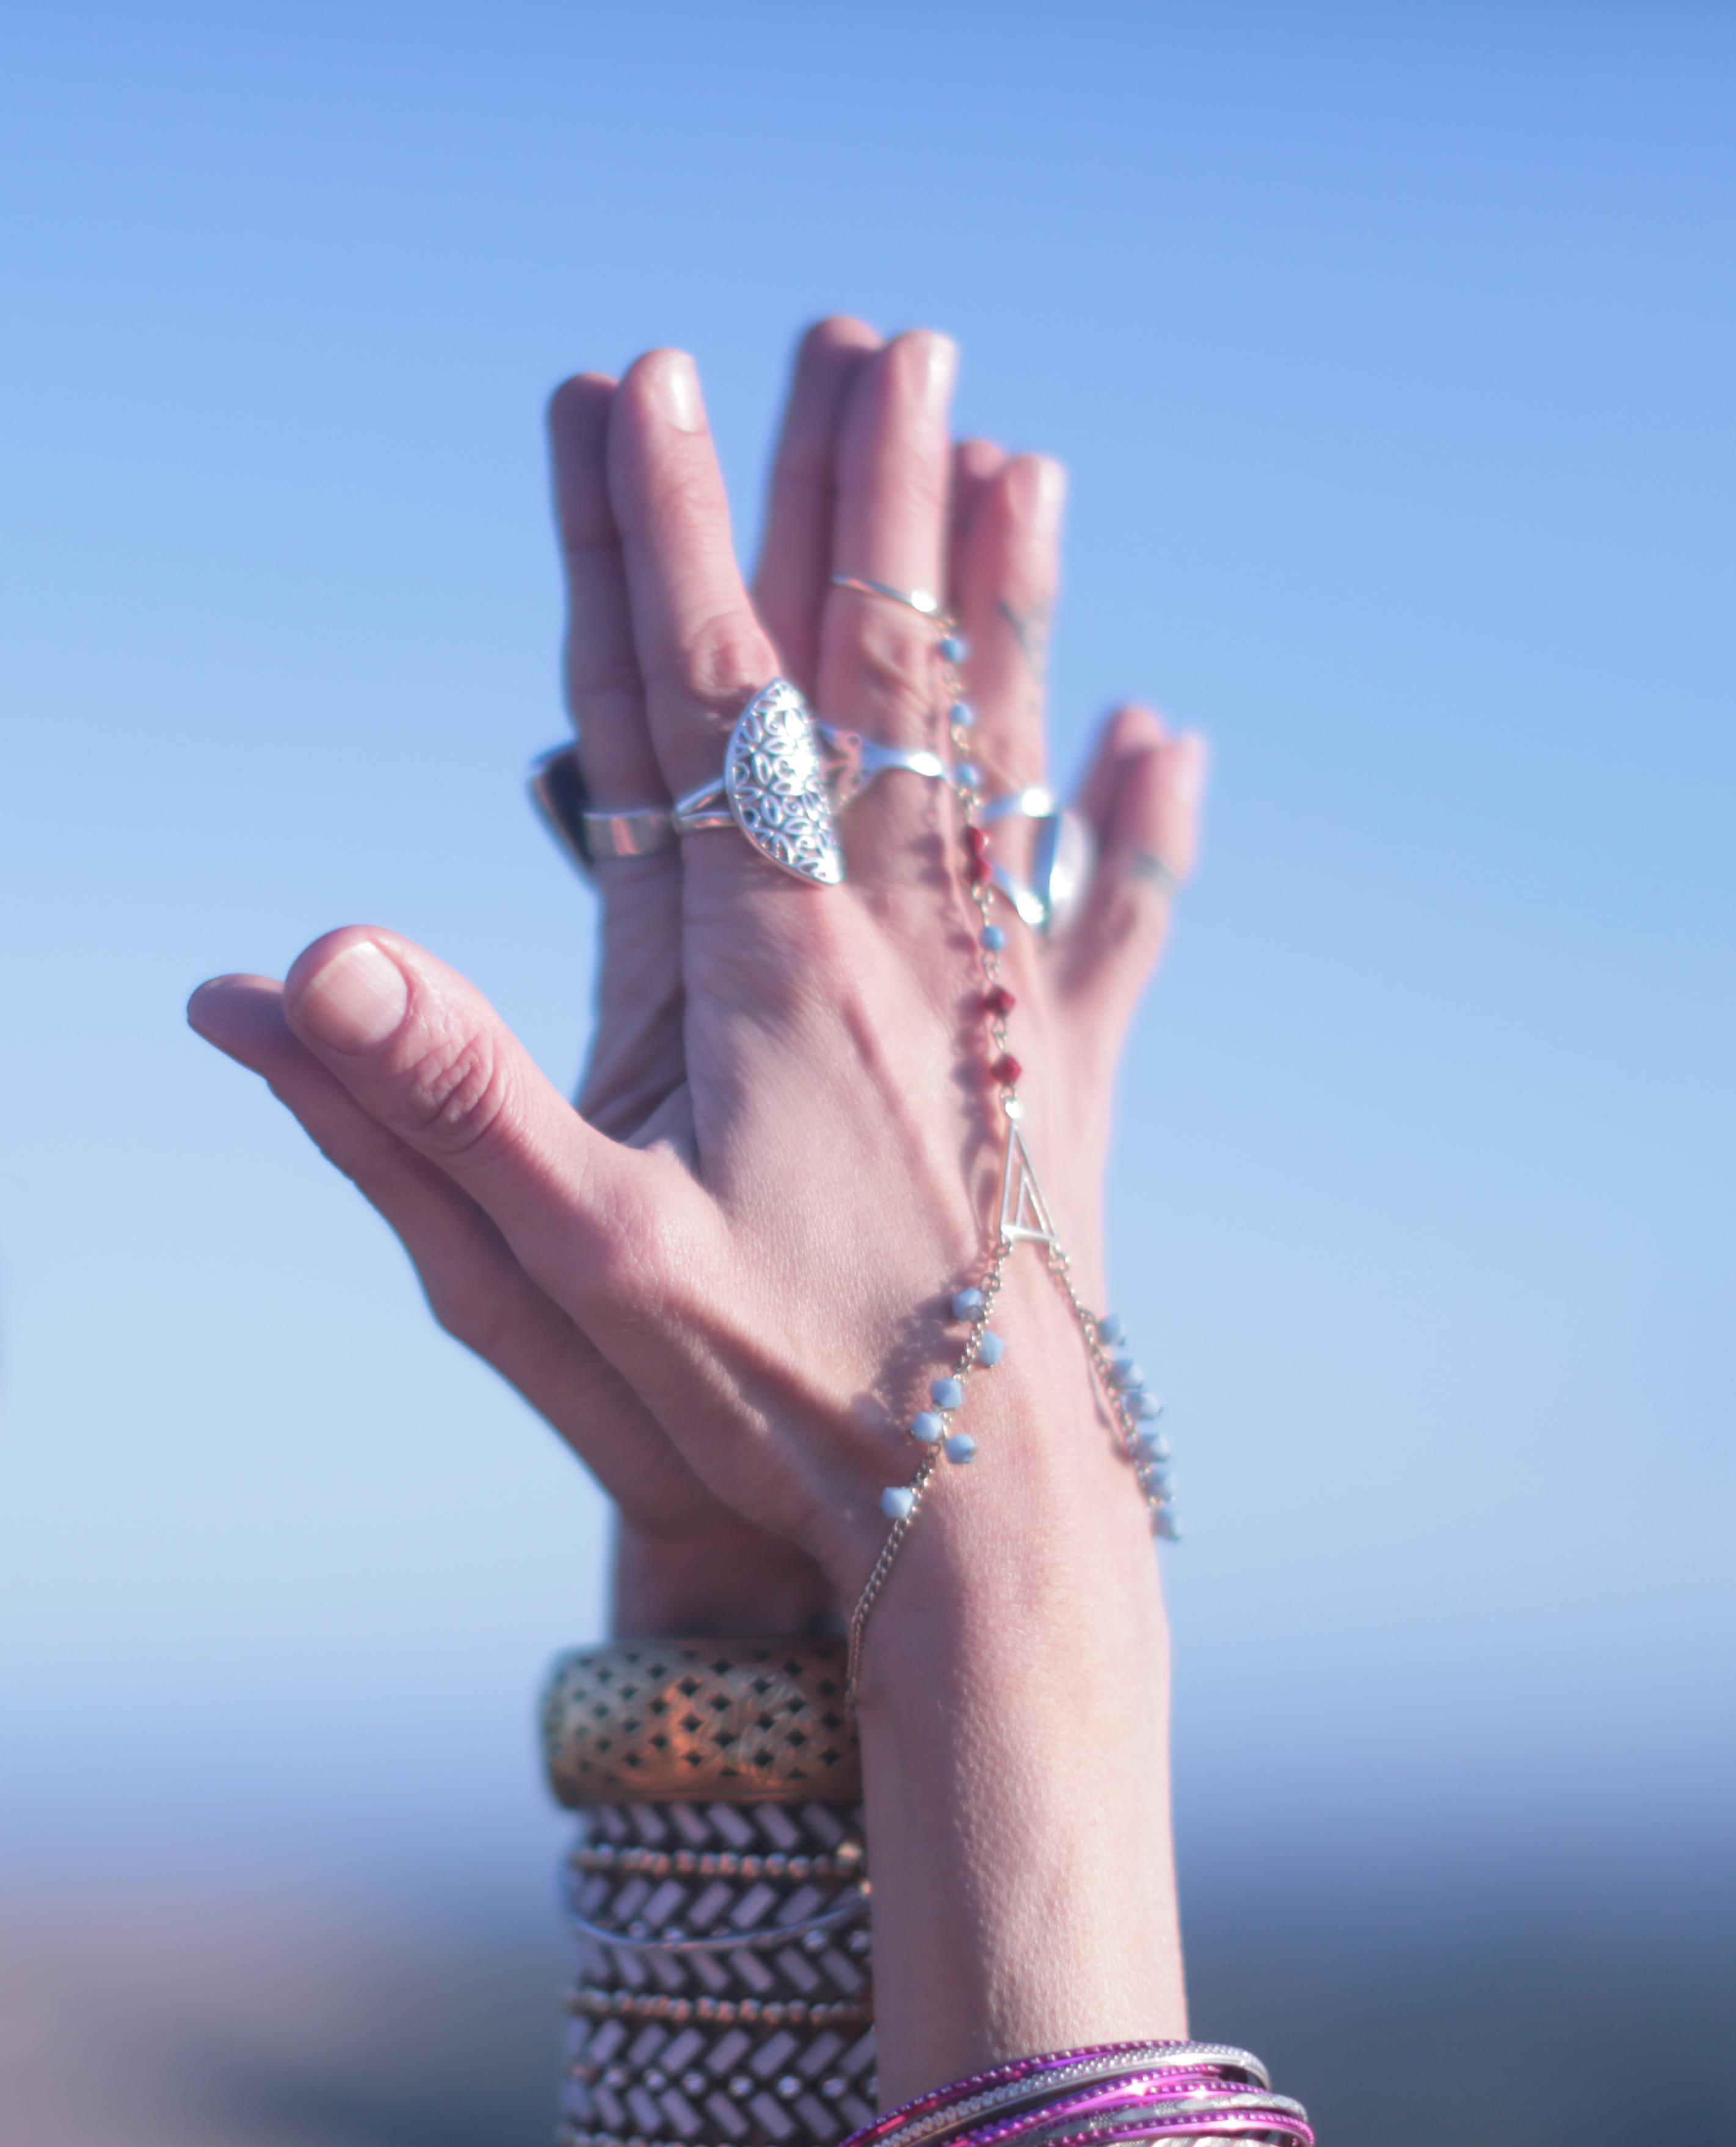 Hand adornment power pose